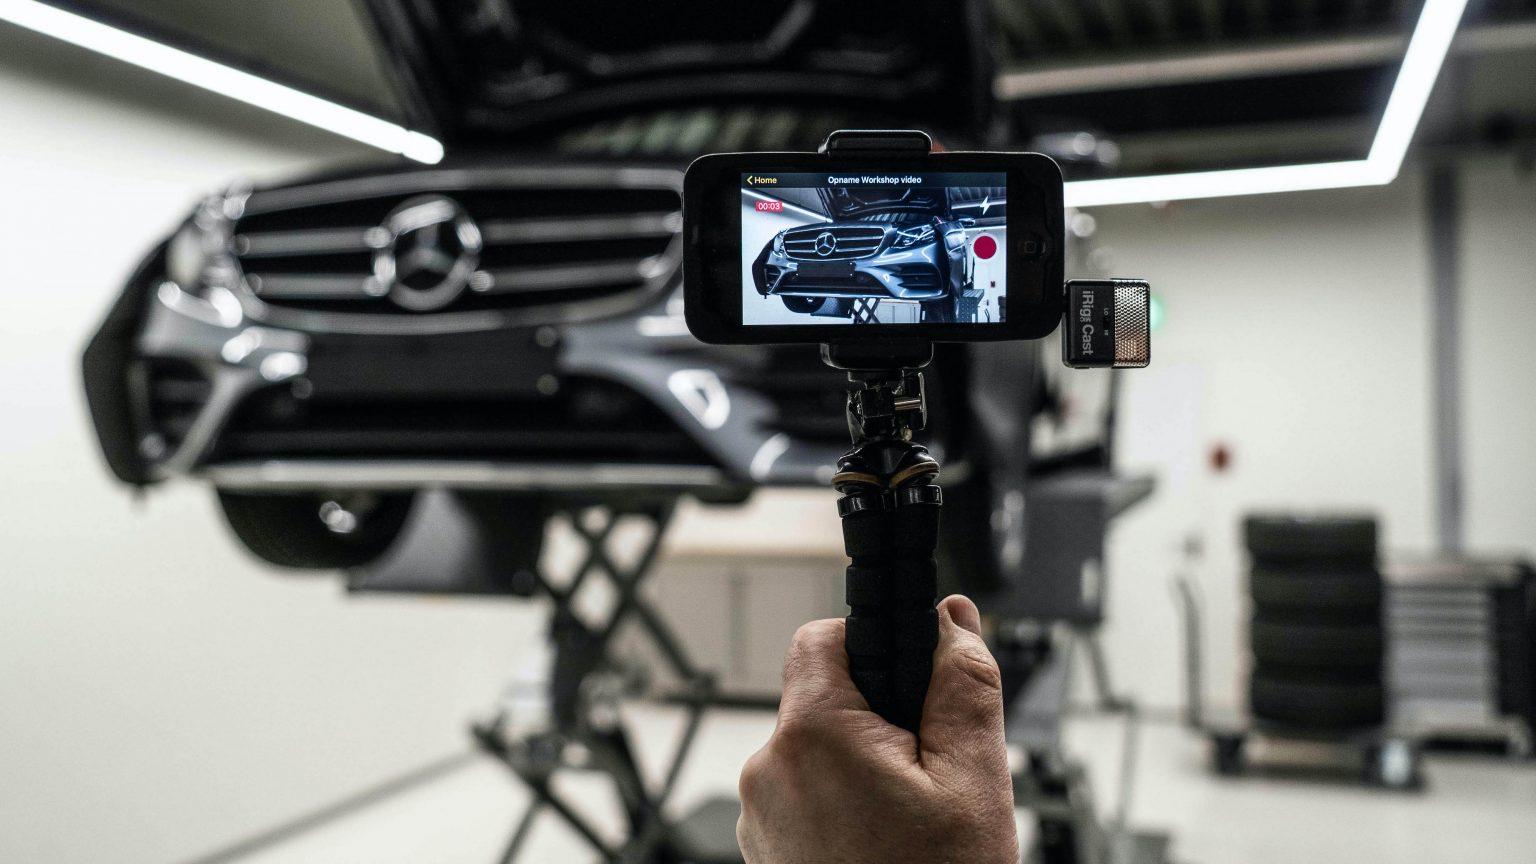 مرسيدس-بنز تقدم تطبيق StarView الجديد لخدمات الصيانة عبر الفيديو